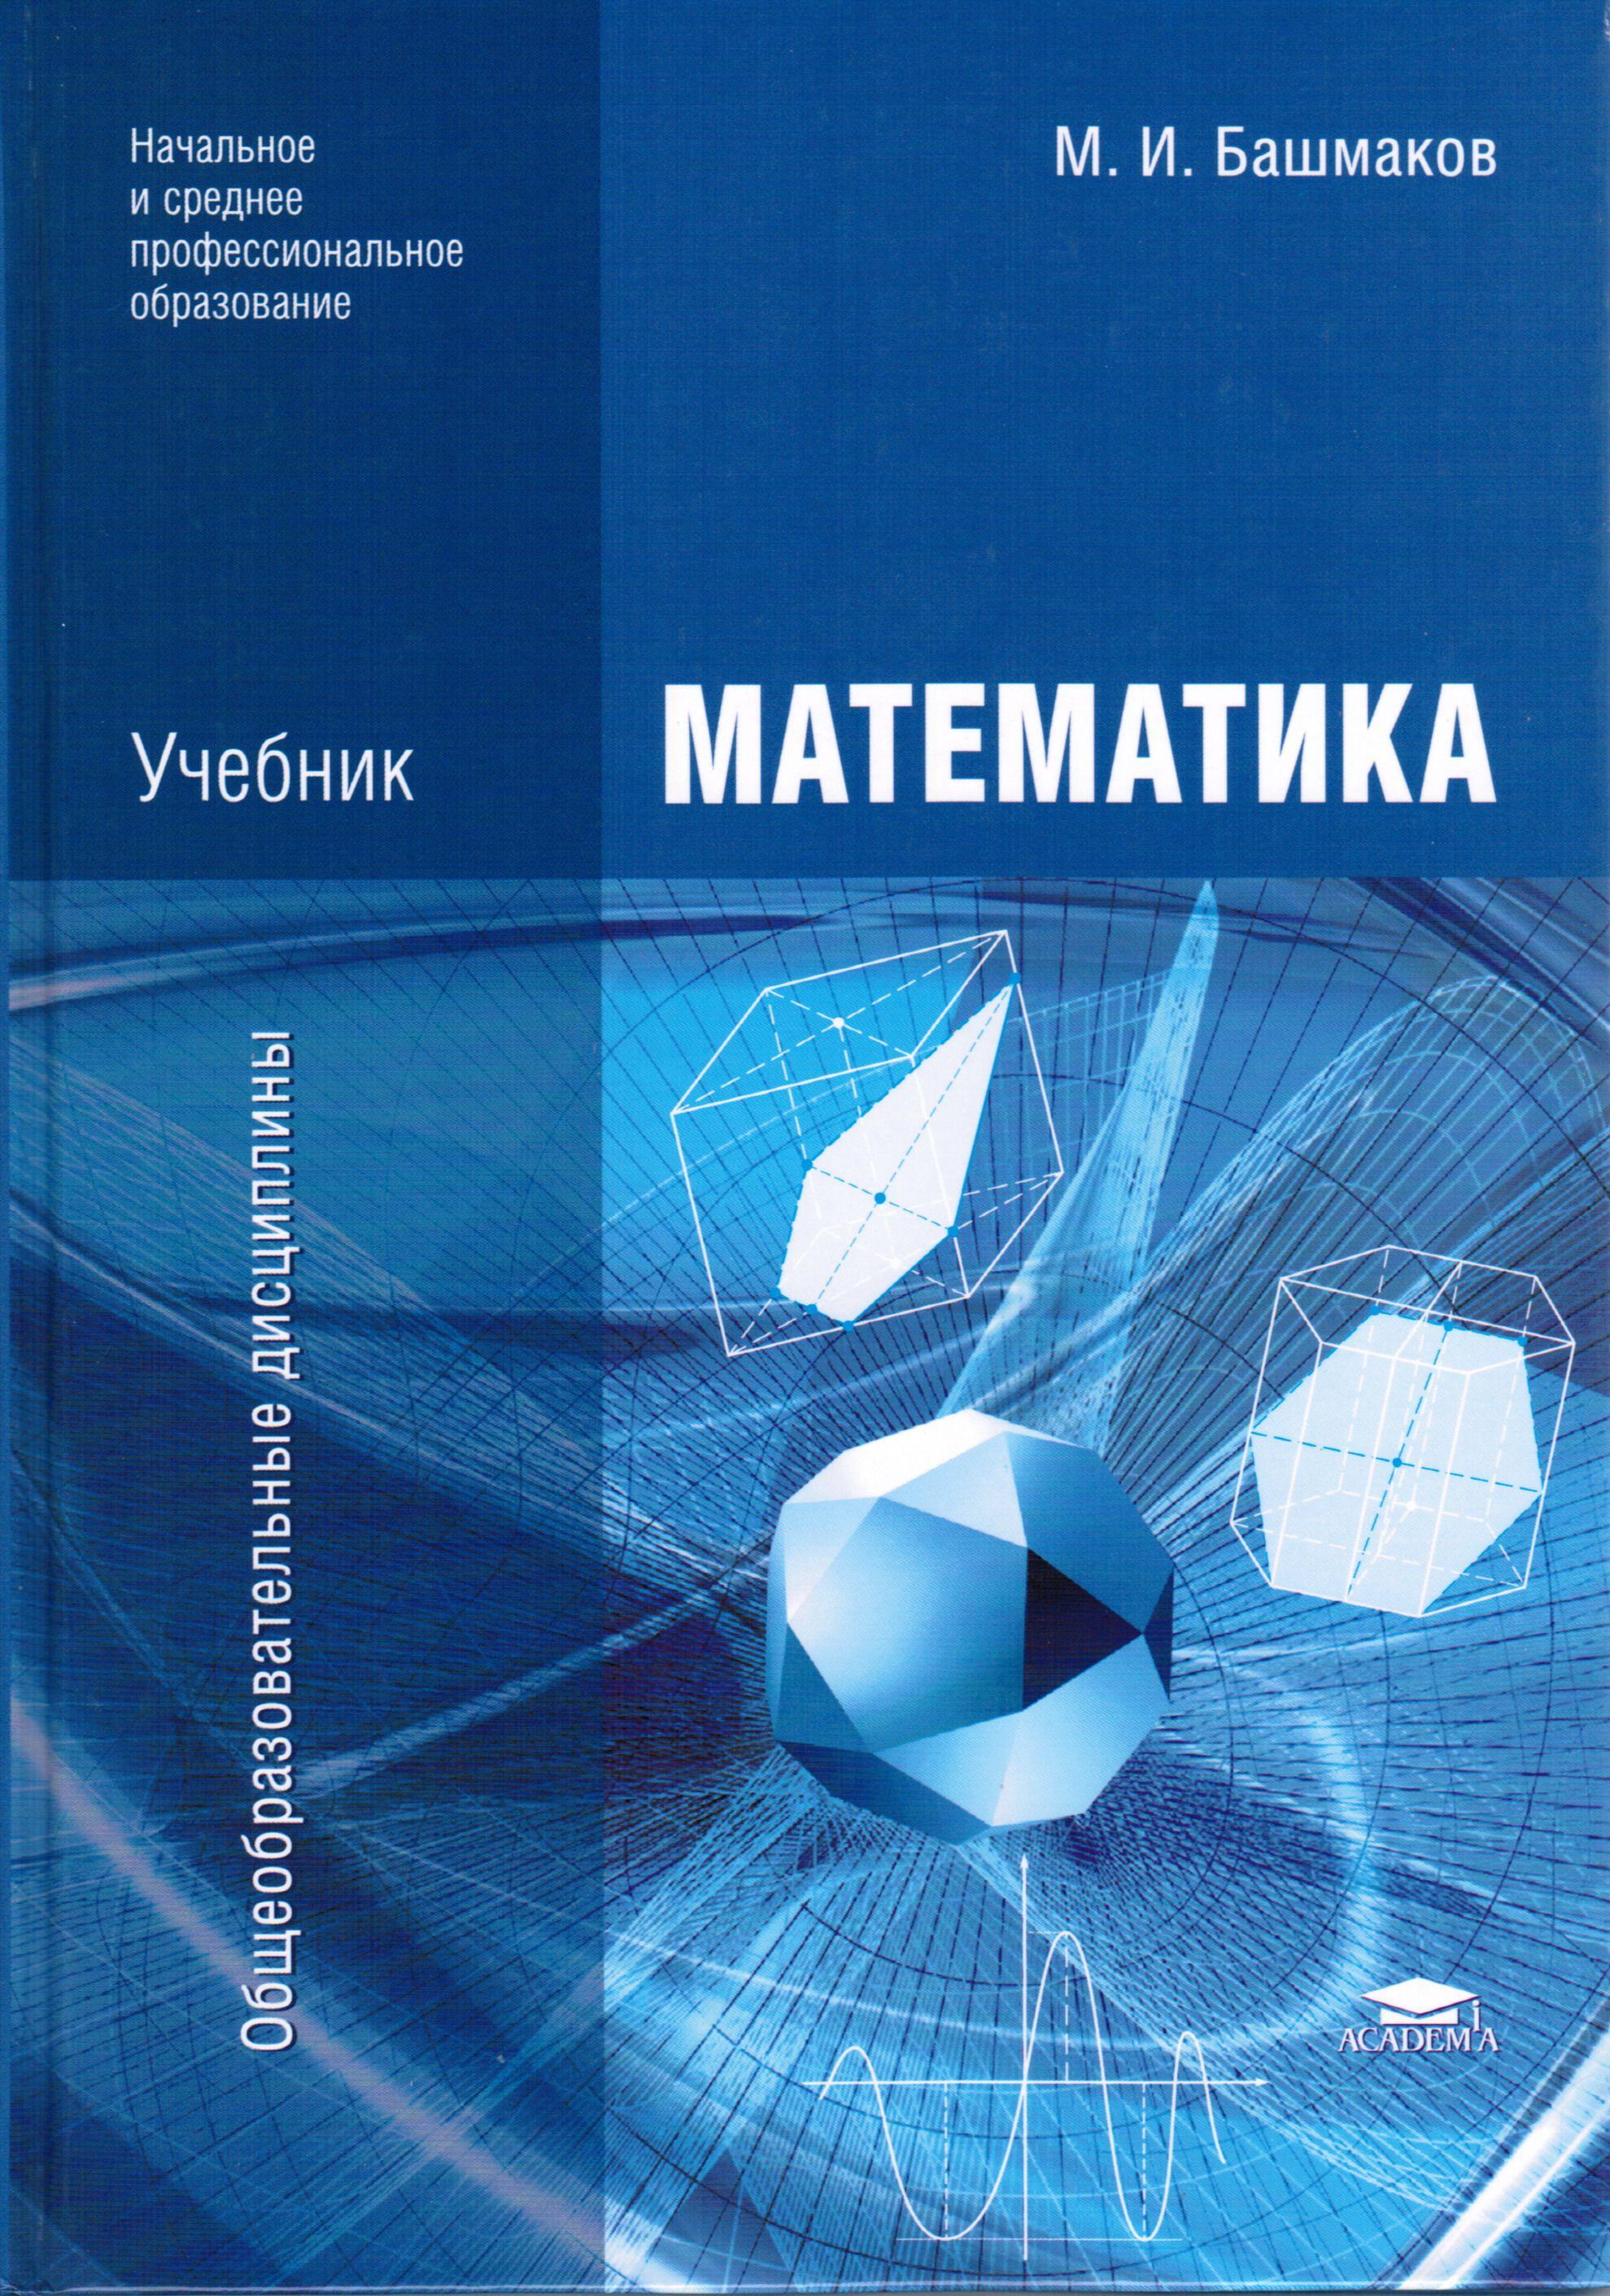 монтаже картинка книг по математике поступают продажу постепенно